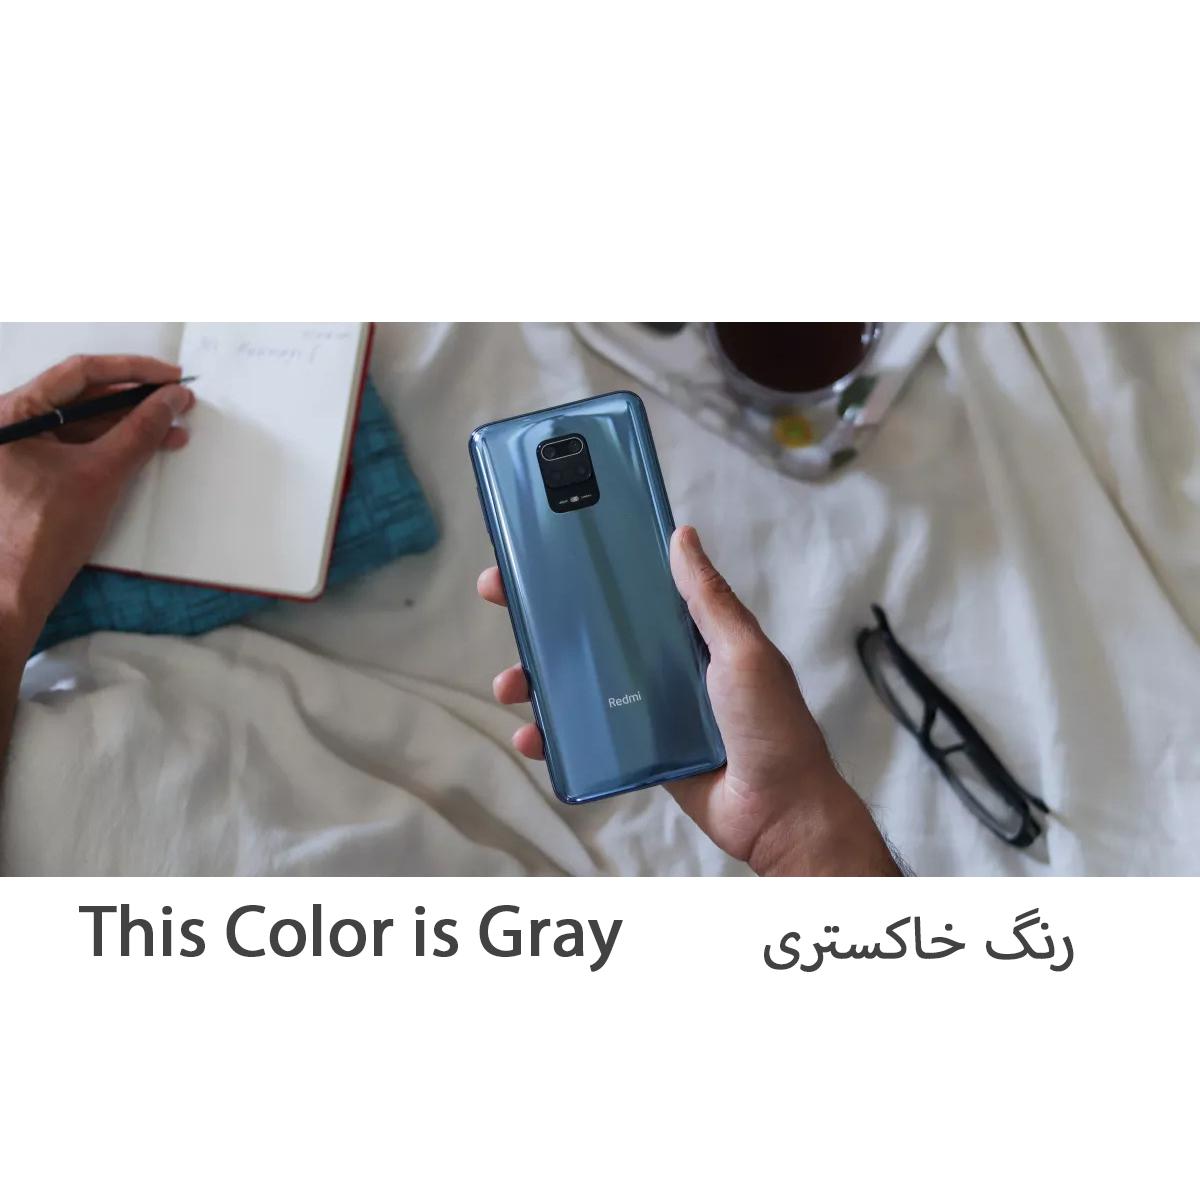 گوشی موبایل شیائومی مدل Redmi Note 9S M2003J6A1G دو سیم کارت ظرفیت 64 گیگابایت  main 1 15